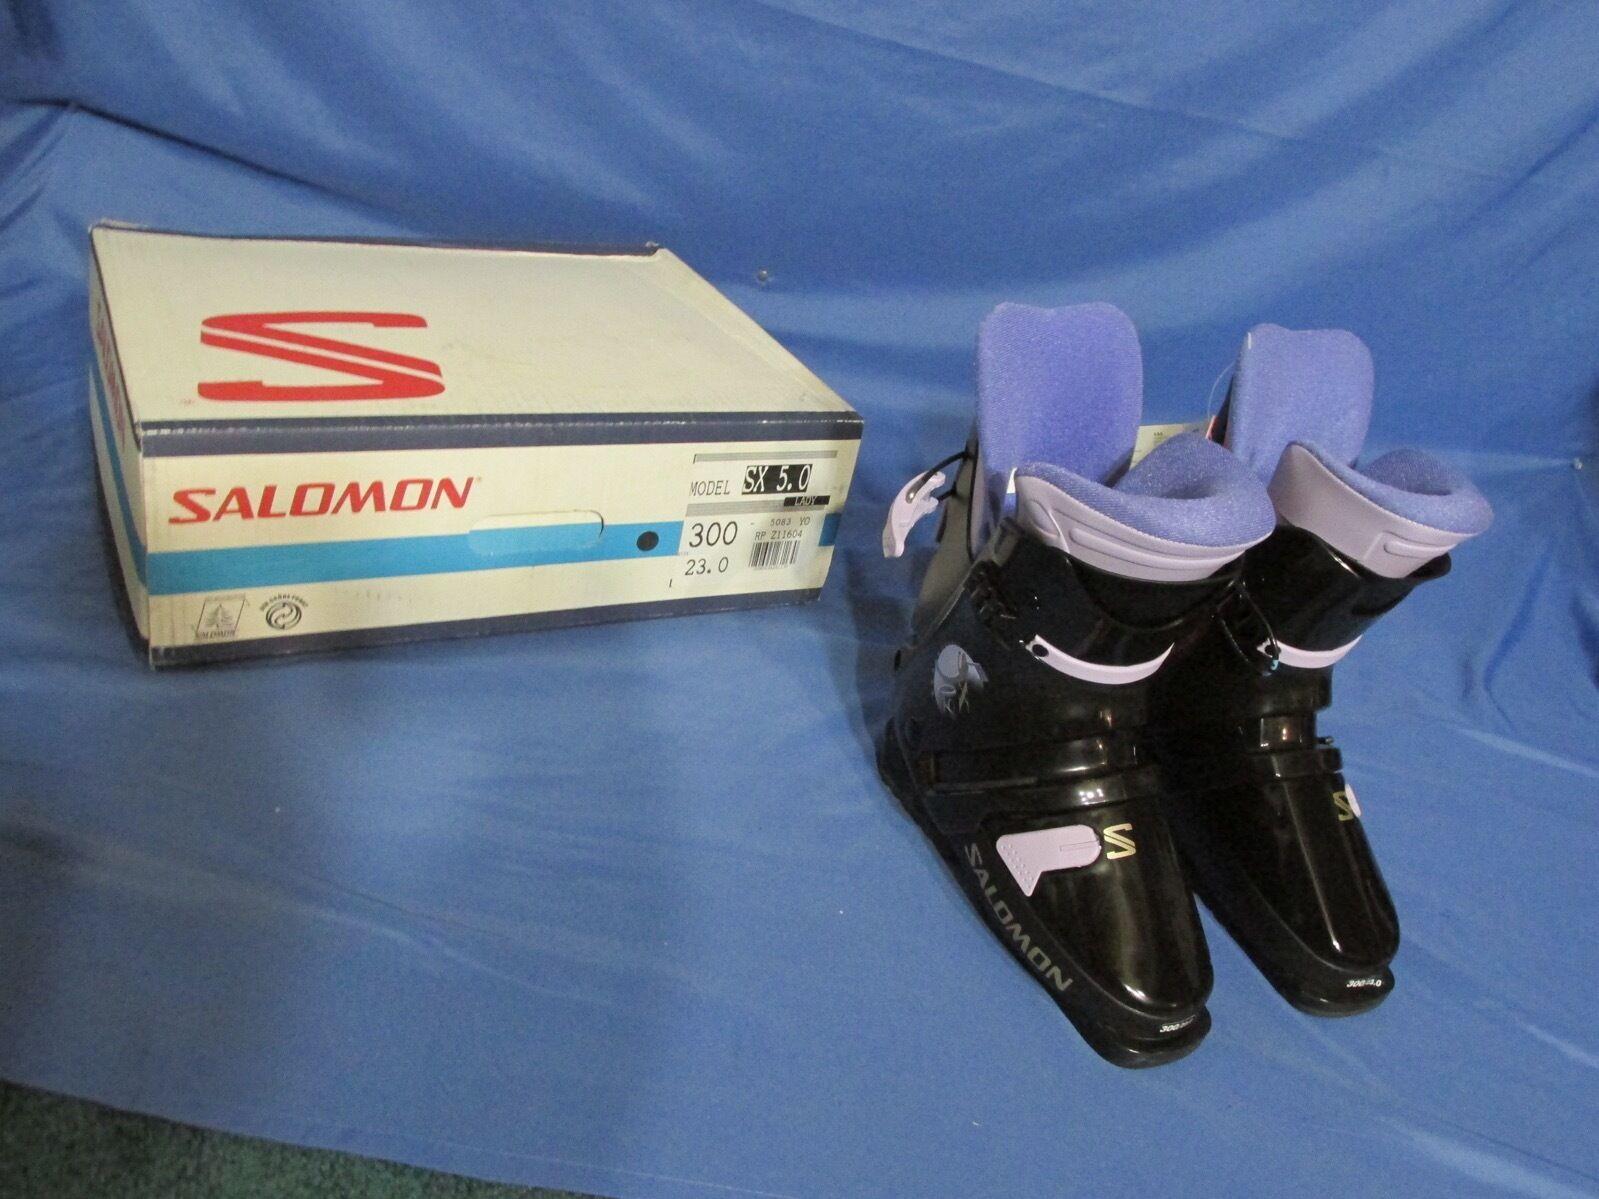 Neu Damen S Salomon SX 50 5.0 Lady Schnee Ski Stiefel Schwarz & Lila Größe 23